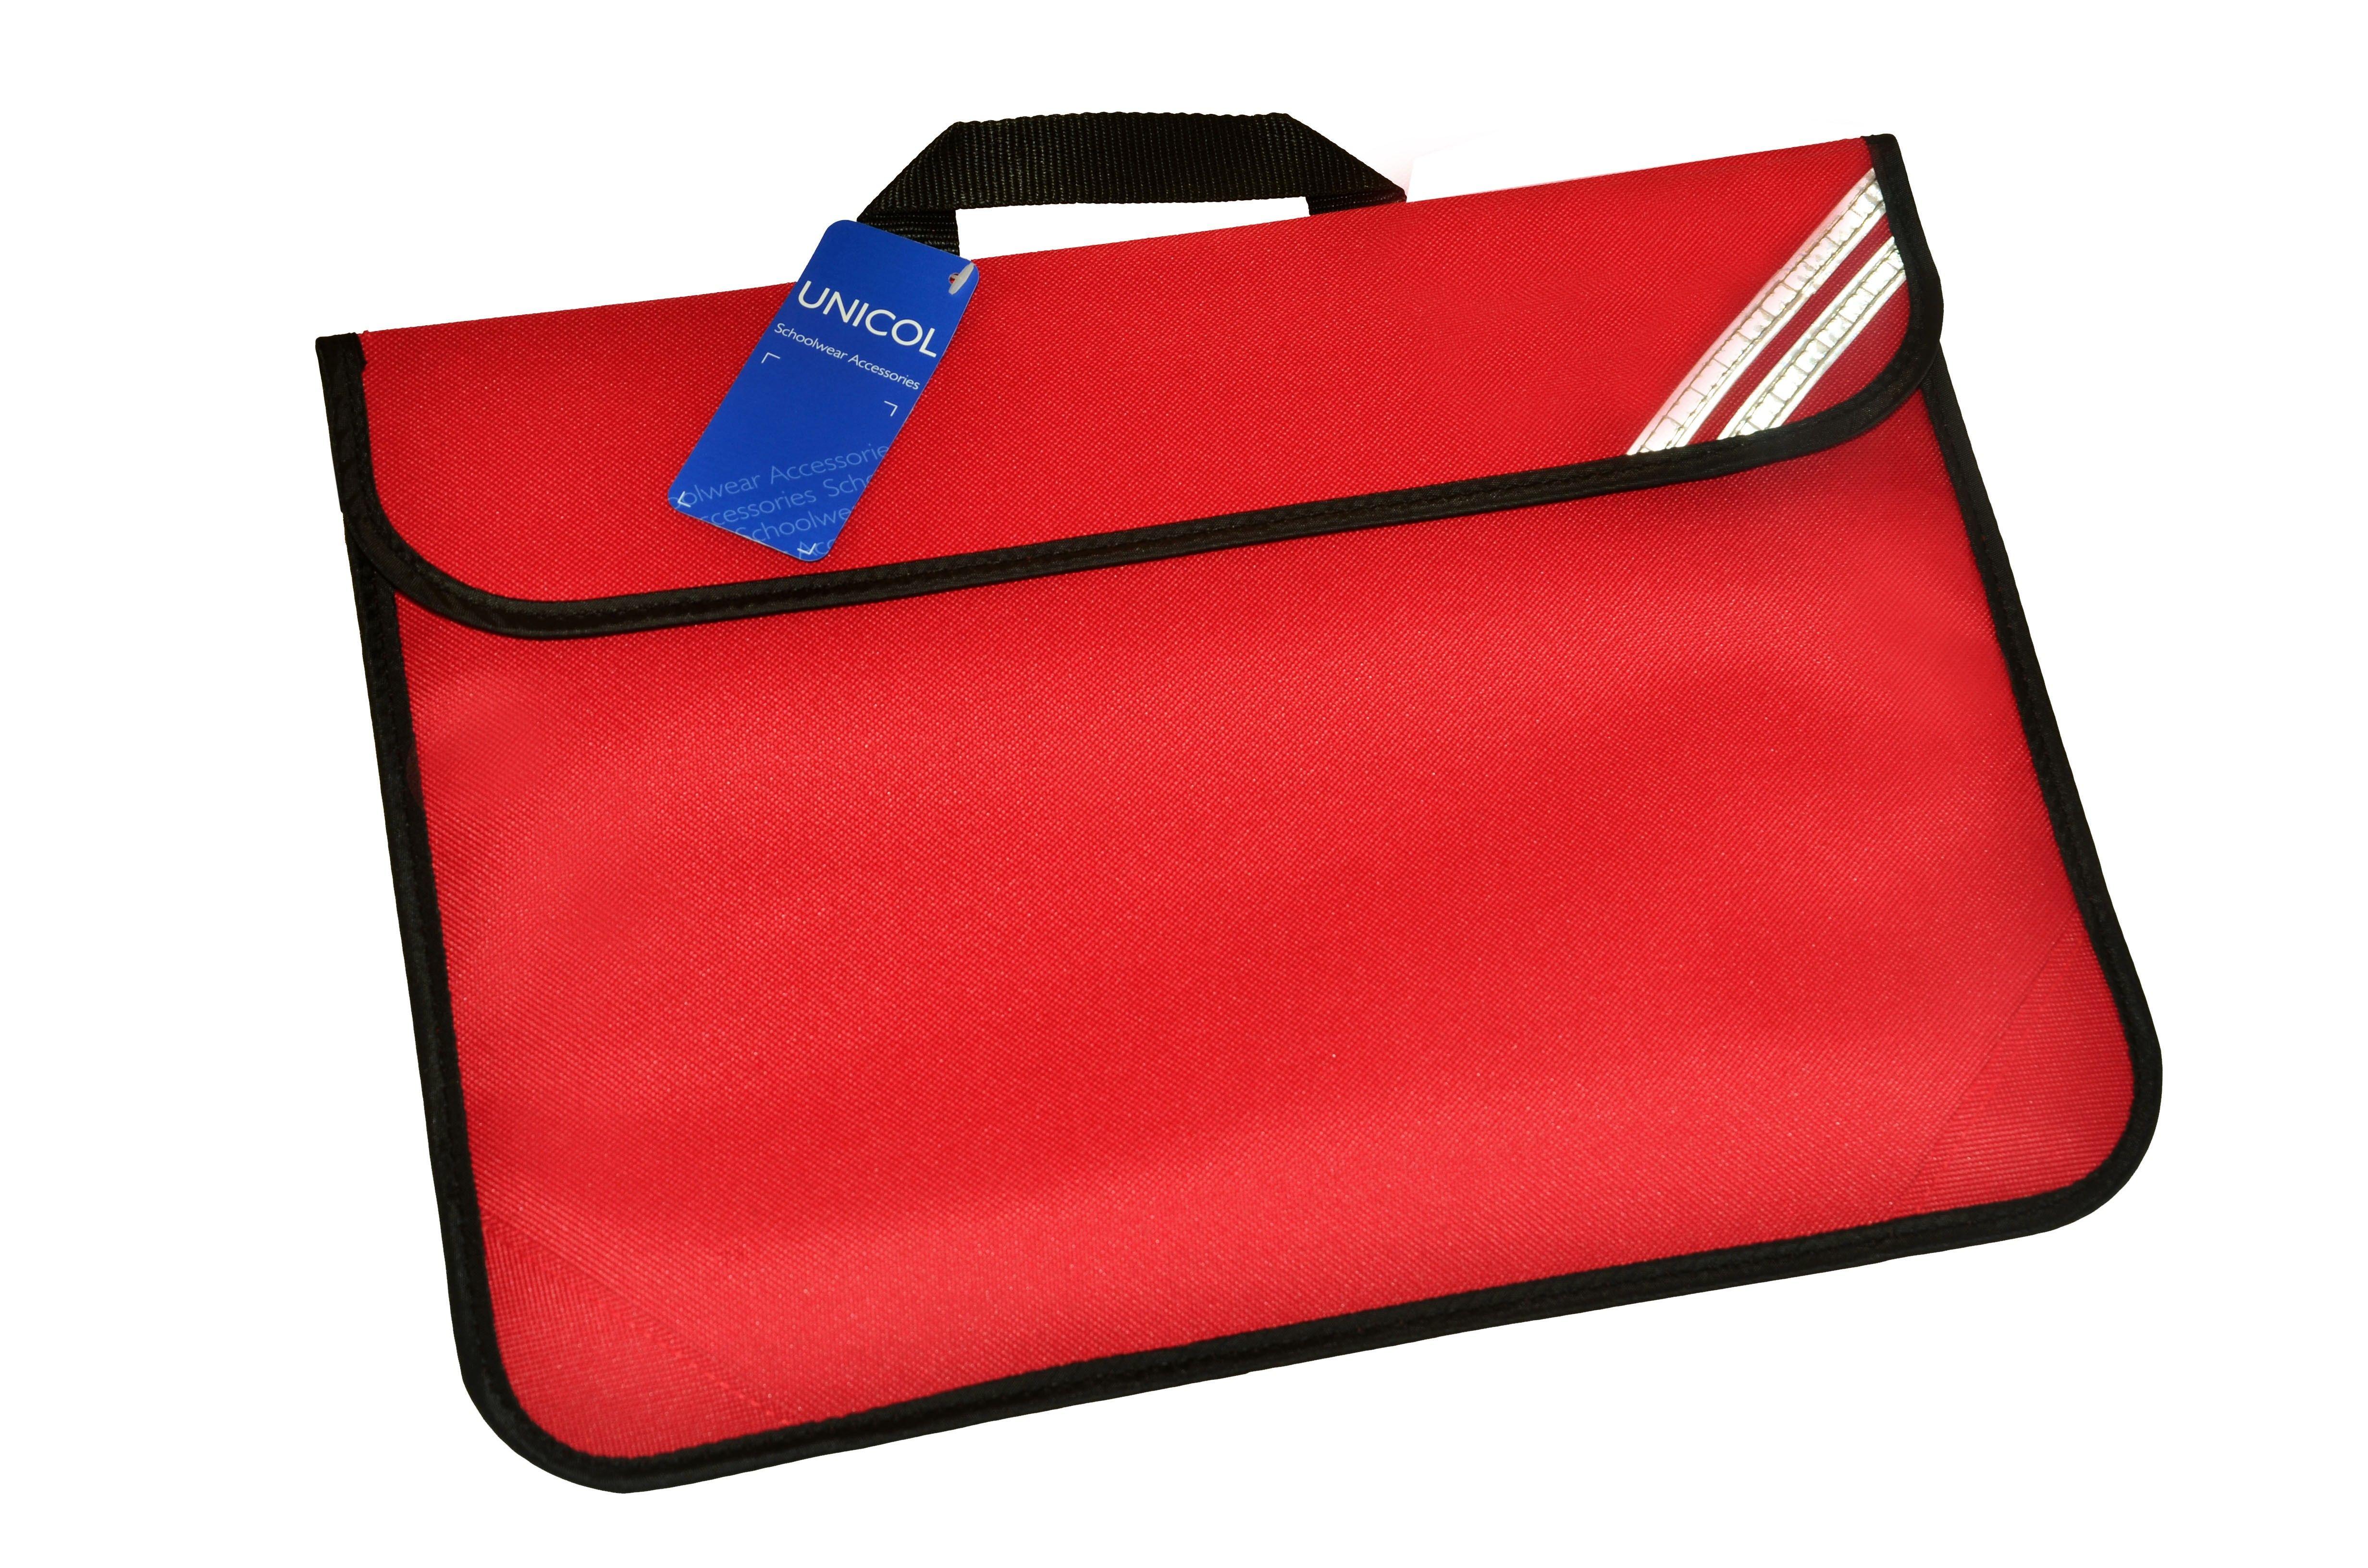 Bookbag clipart backback. Book bag clip art